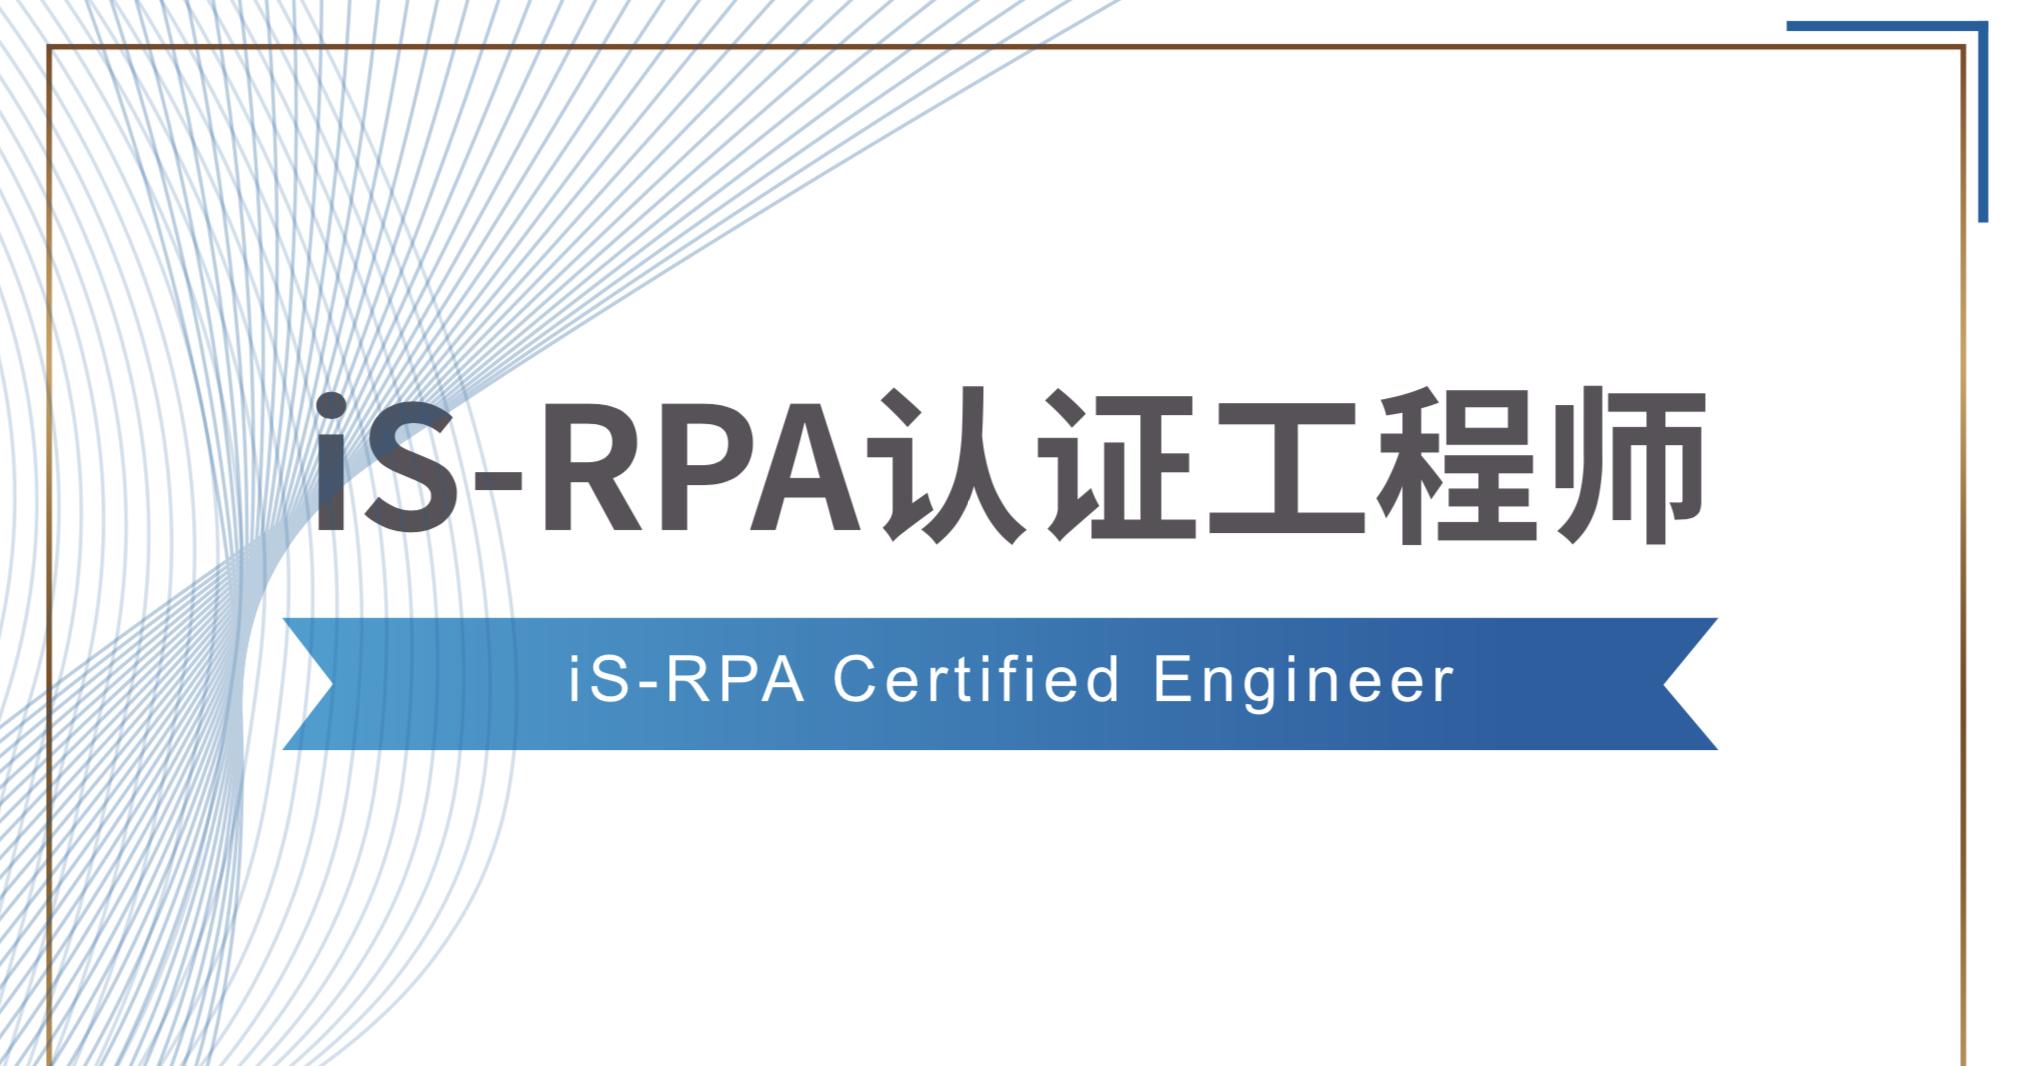 如何获得 iS-RPA 技术认证证书